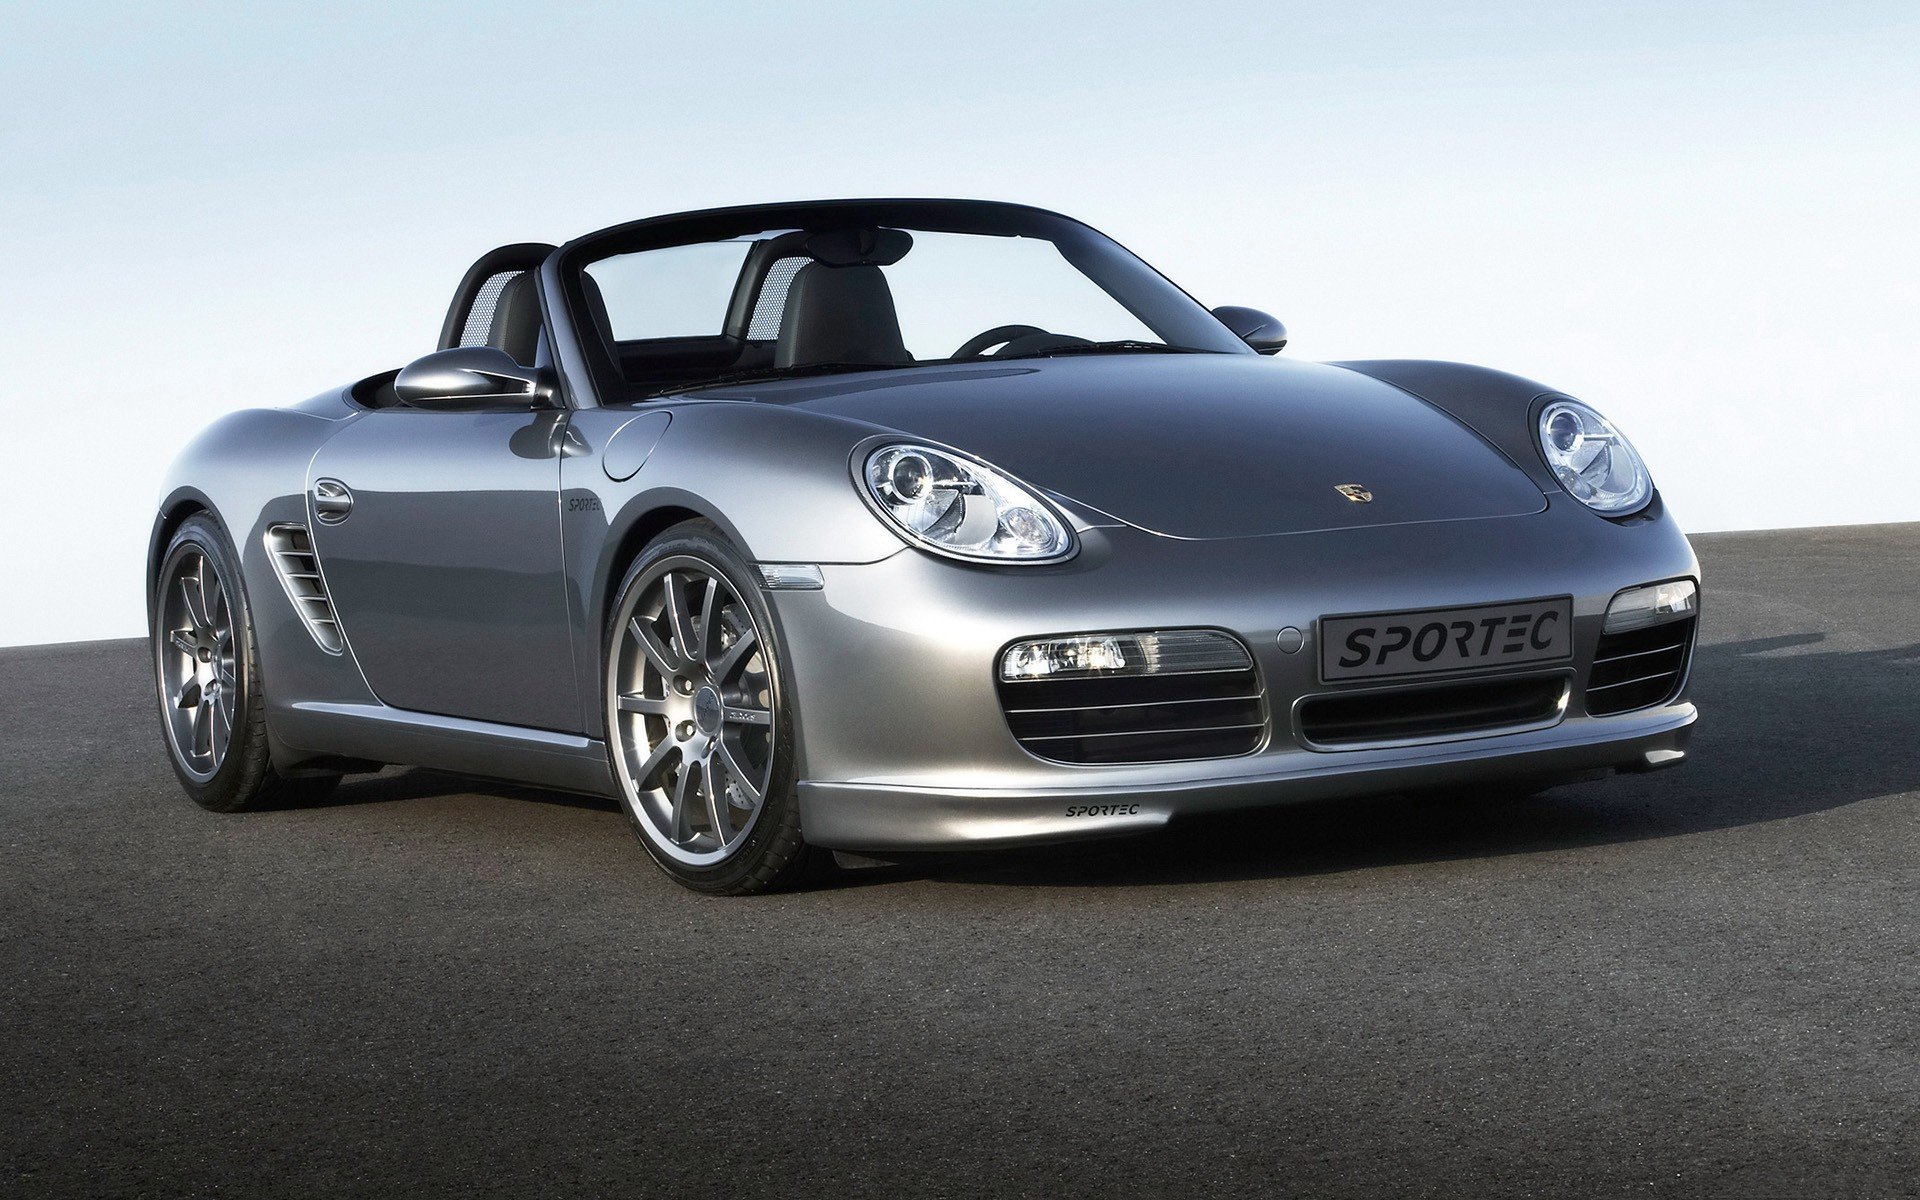 Porsche sportec - 1920x1200